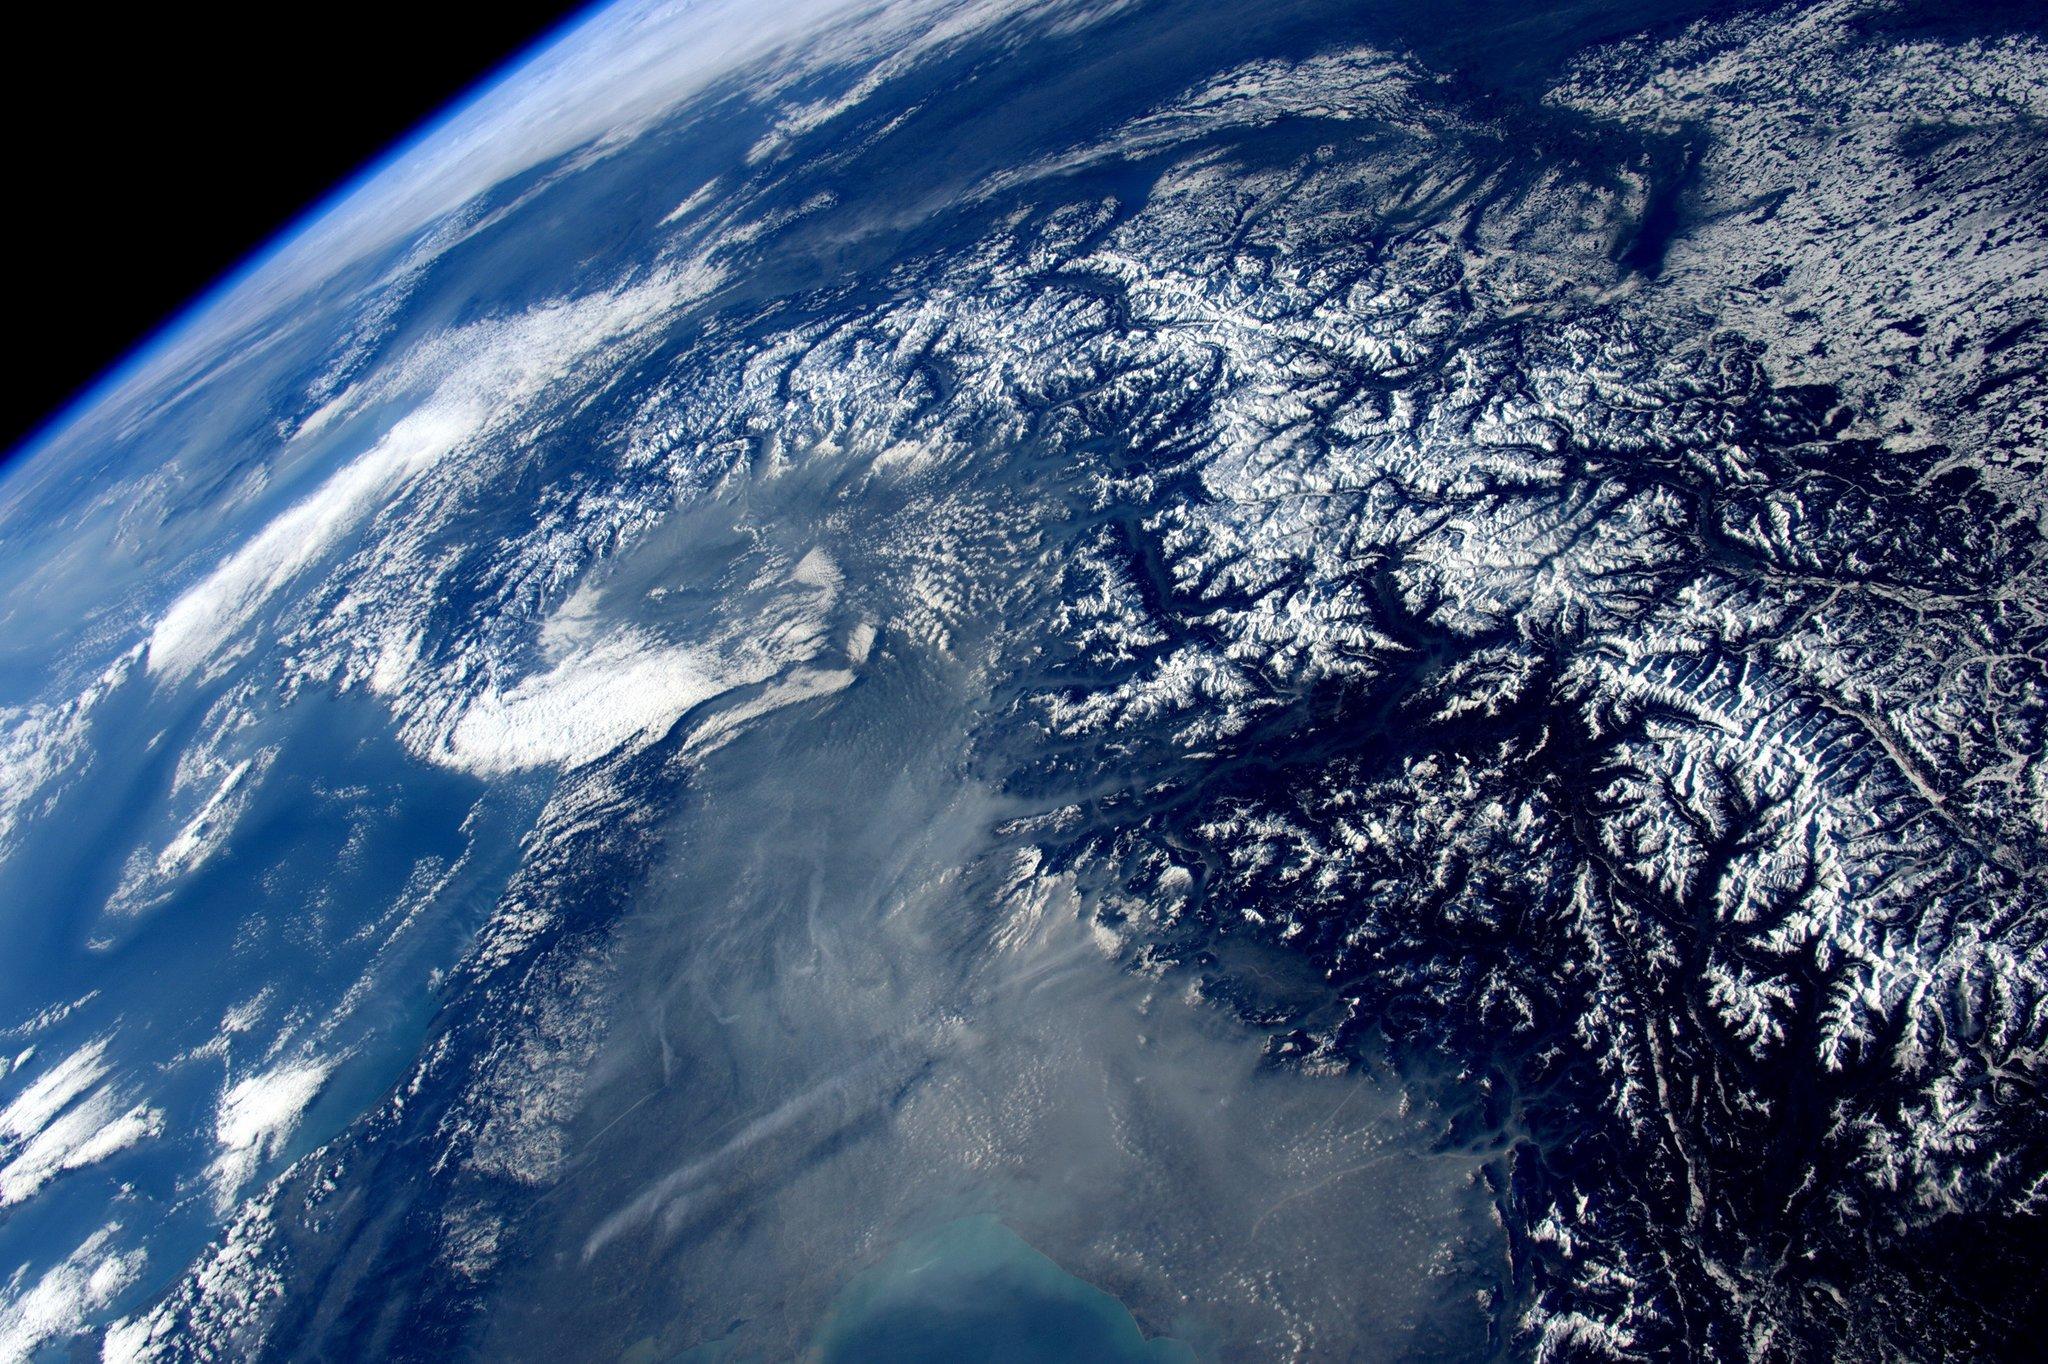 Картинка нашей планеты из космоса